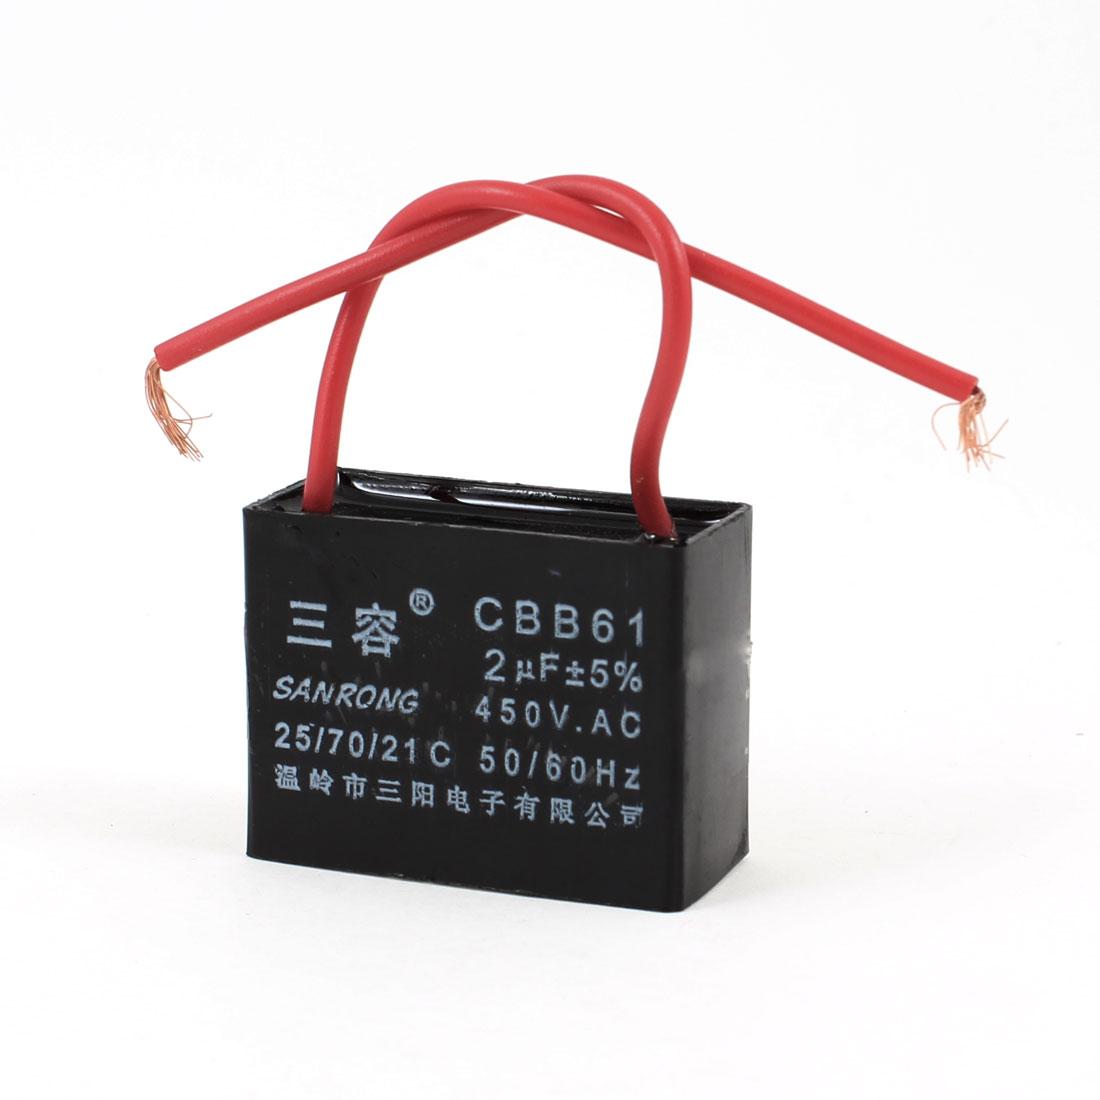 CBB61 2uF AC 450V Rectangle Non Polar Motor Capacitor